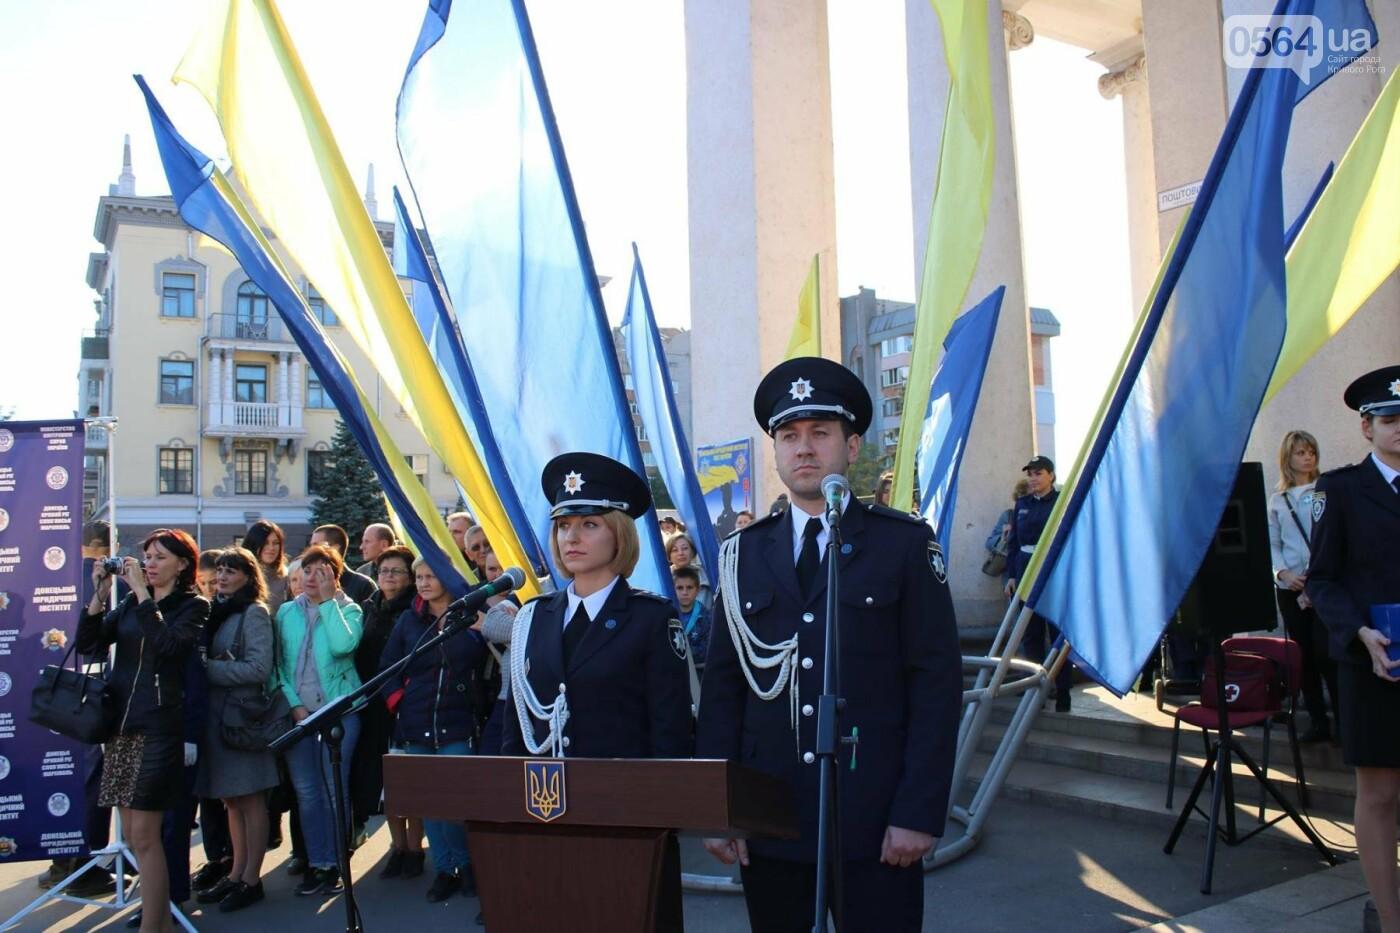 Первокурсники Донецкого юридического института приняли Присягу работника Национальной полиции Украины, фото-3